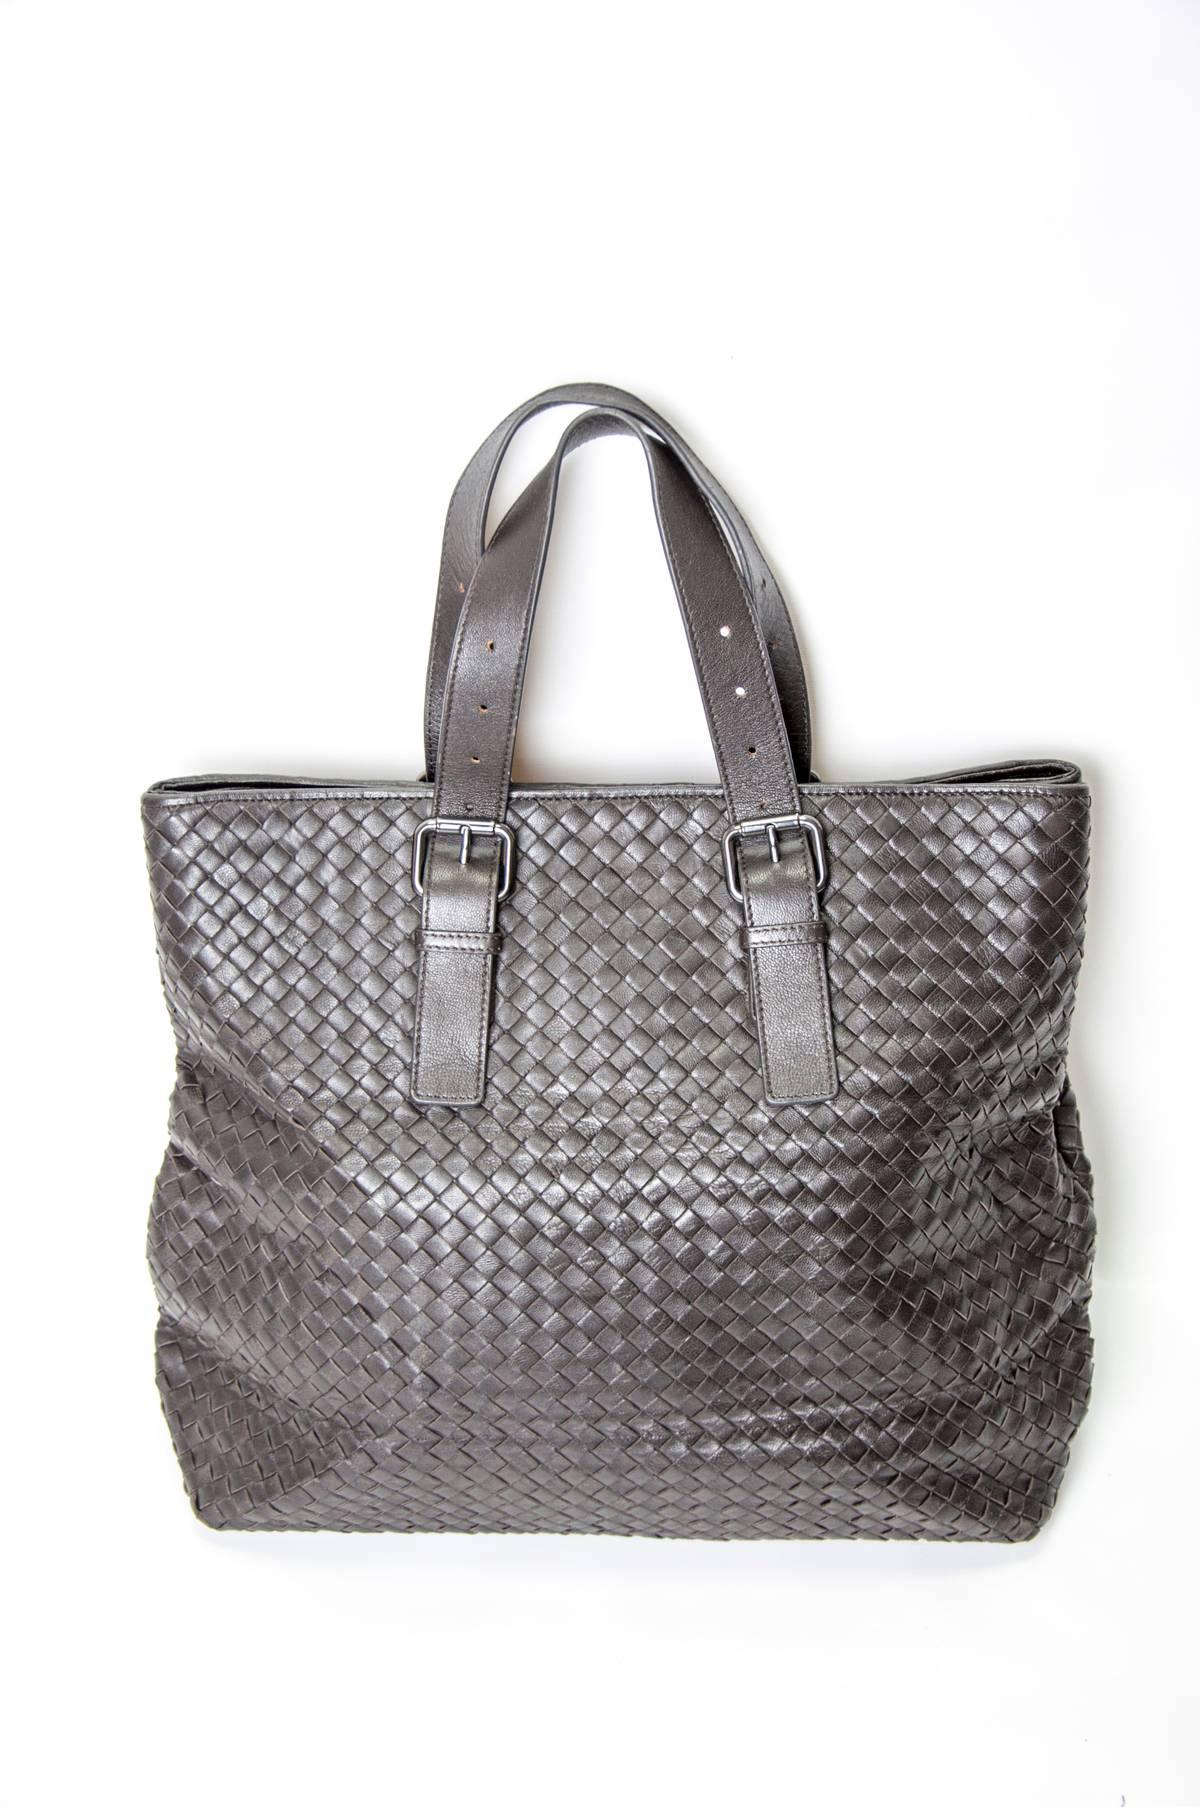 Bottega Veneta LEATHER LARGE TOTE BAG Size one size - Bags   Luggage ... 2ede976cf47a9